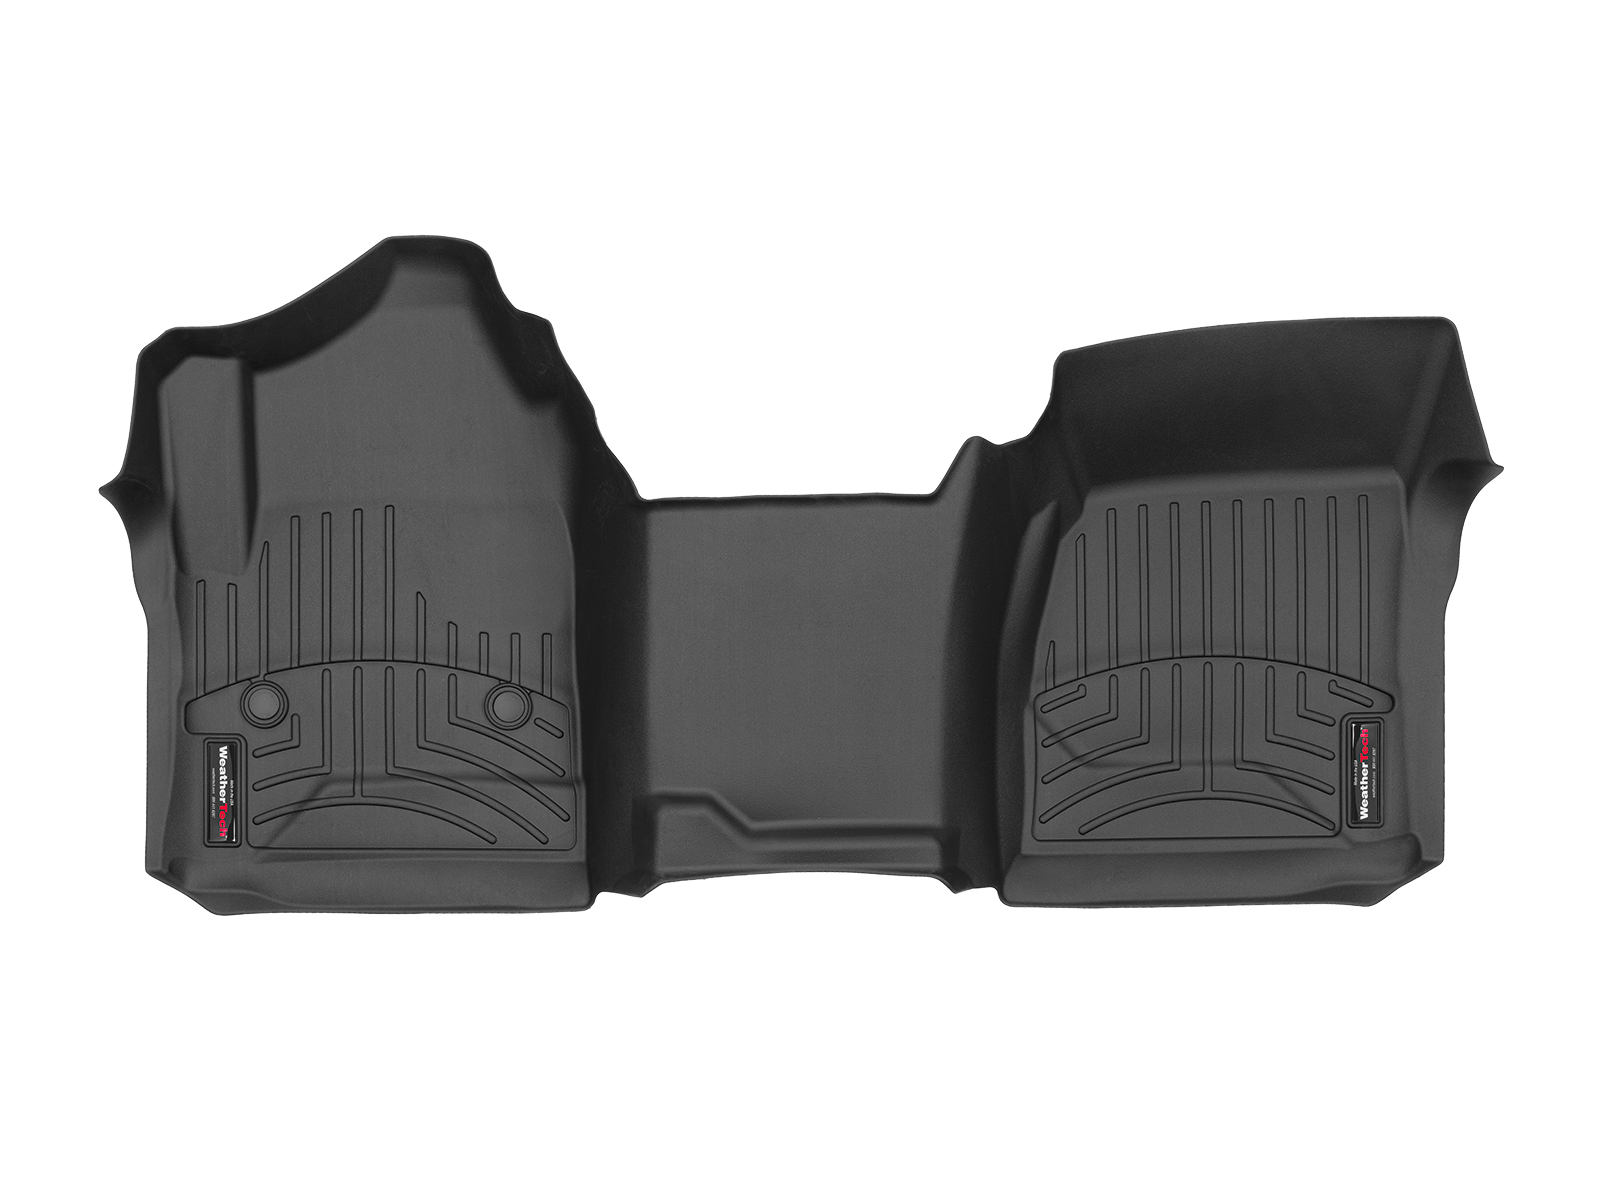 Tappeti gomma su misura bordo alto Chevrolet Silverado 15>17 Nero A201